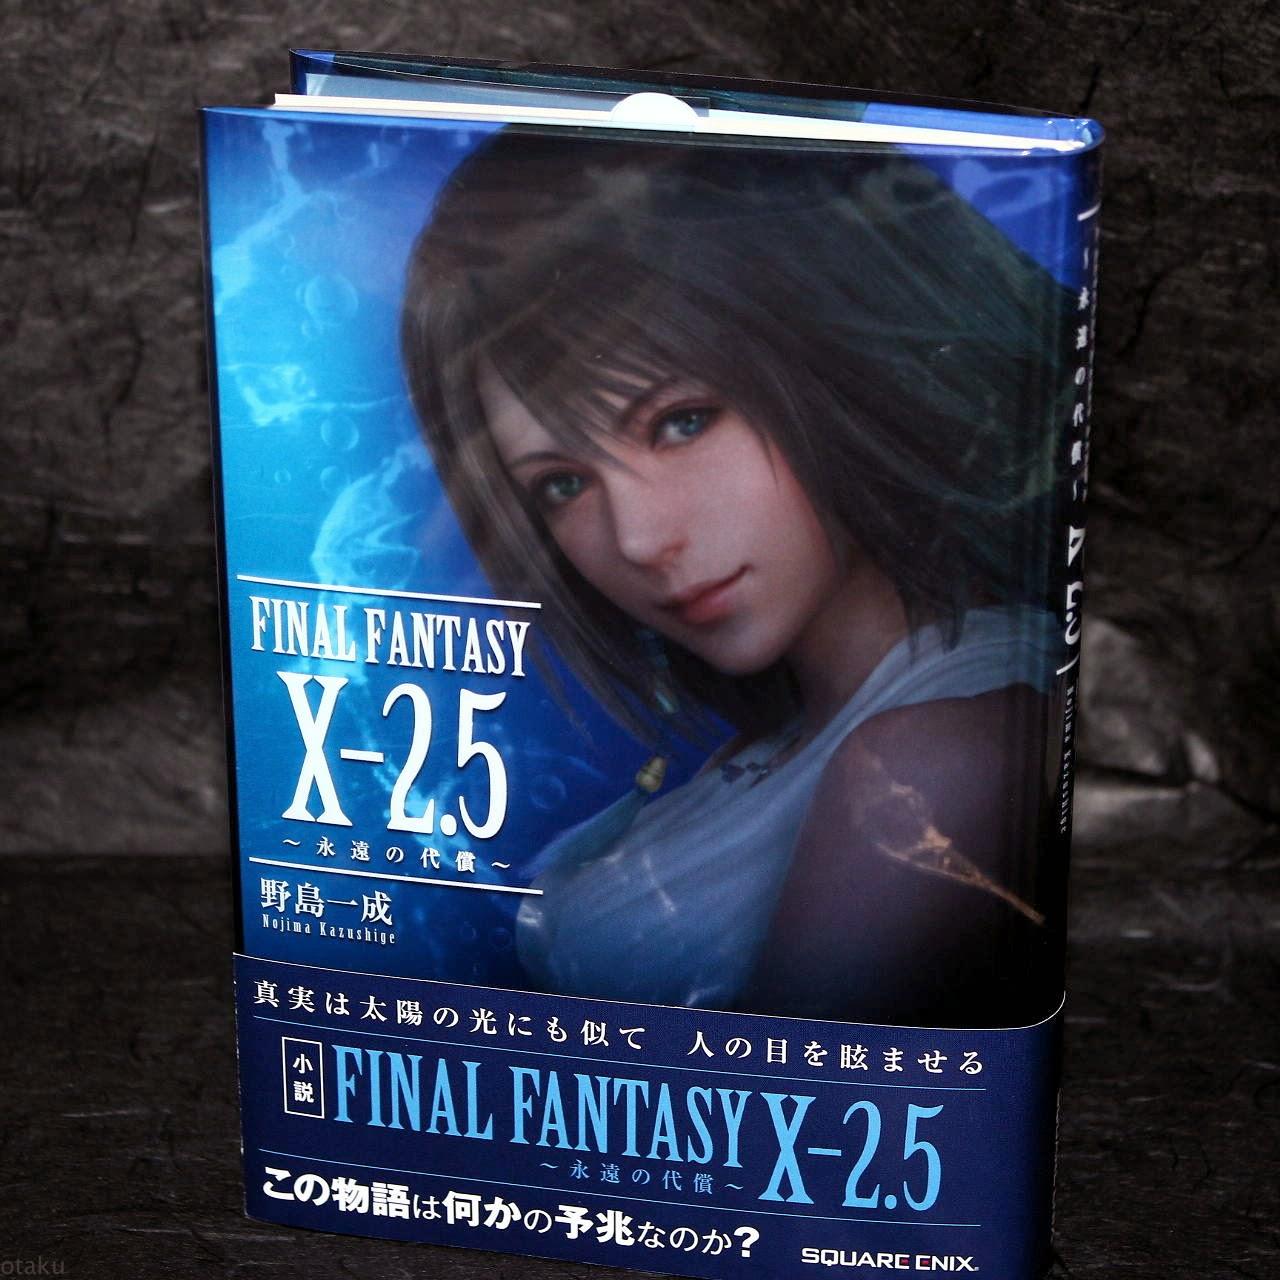 Hashimoto su Final Fantasy X-3 e Final Fantasy XVI!